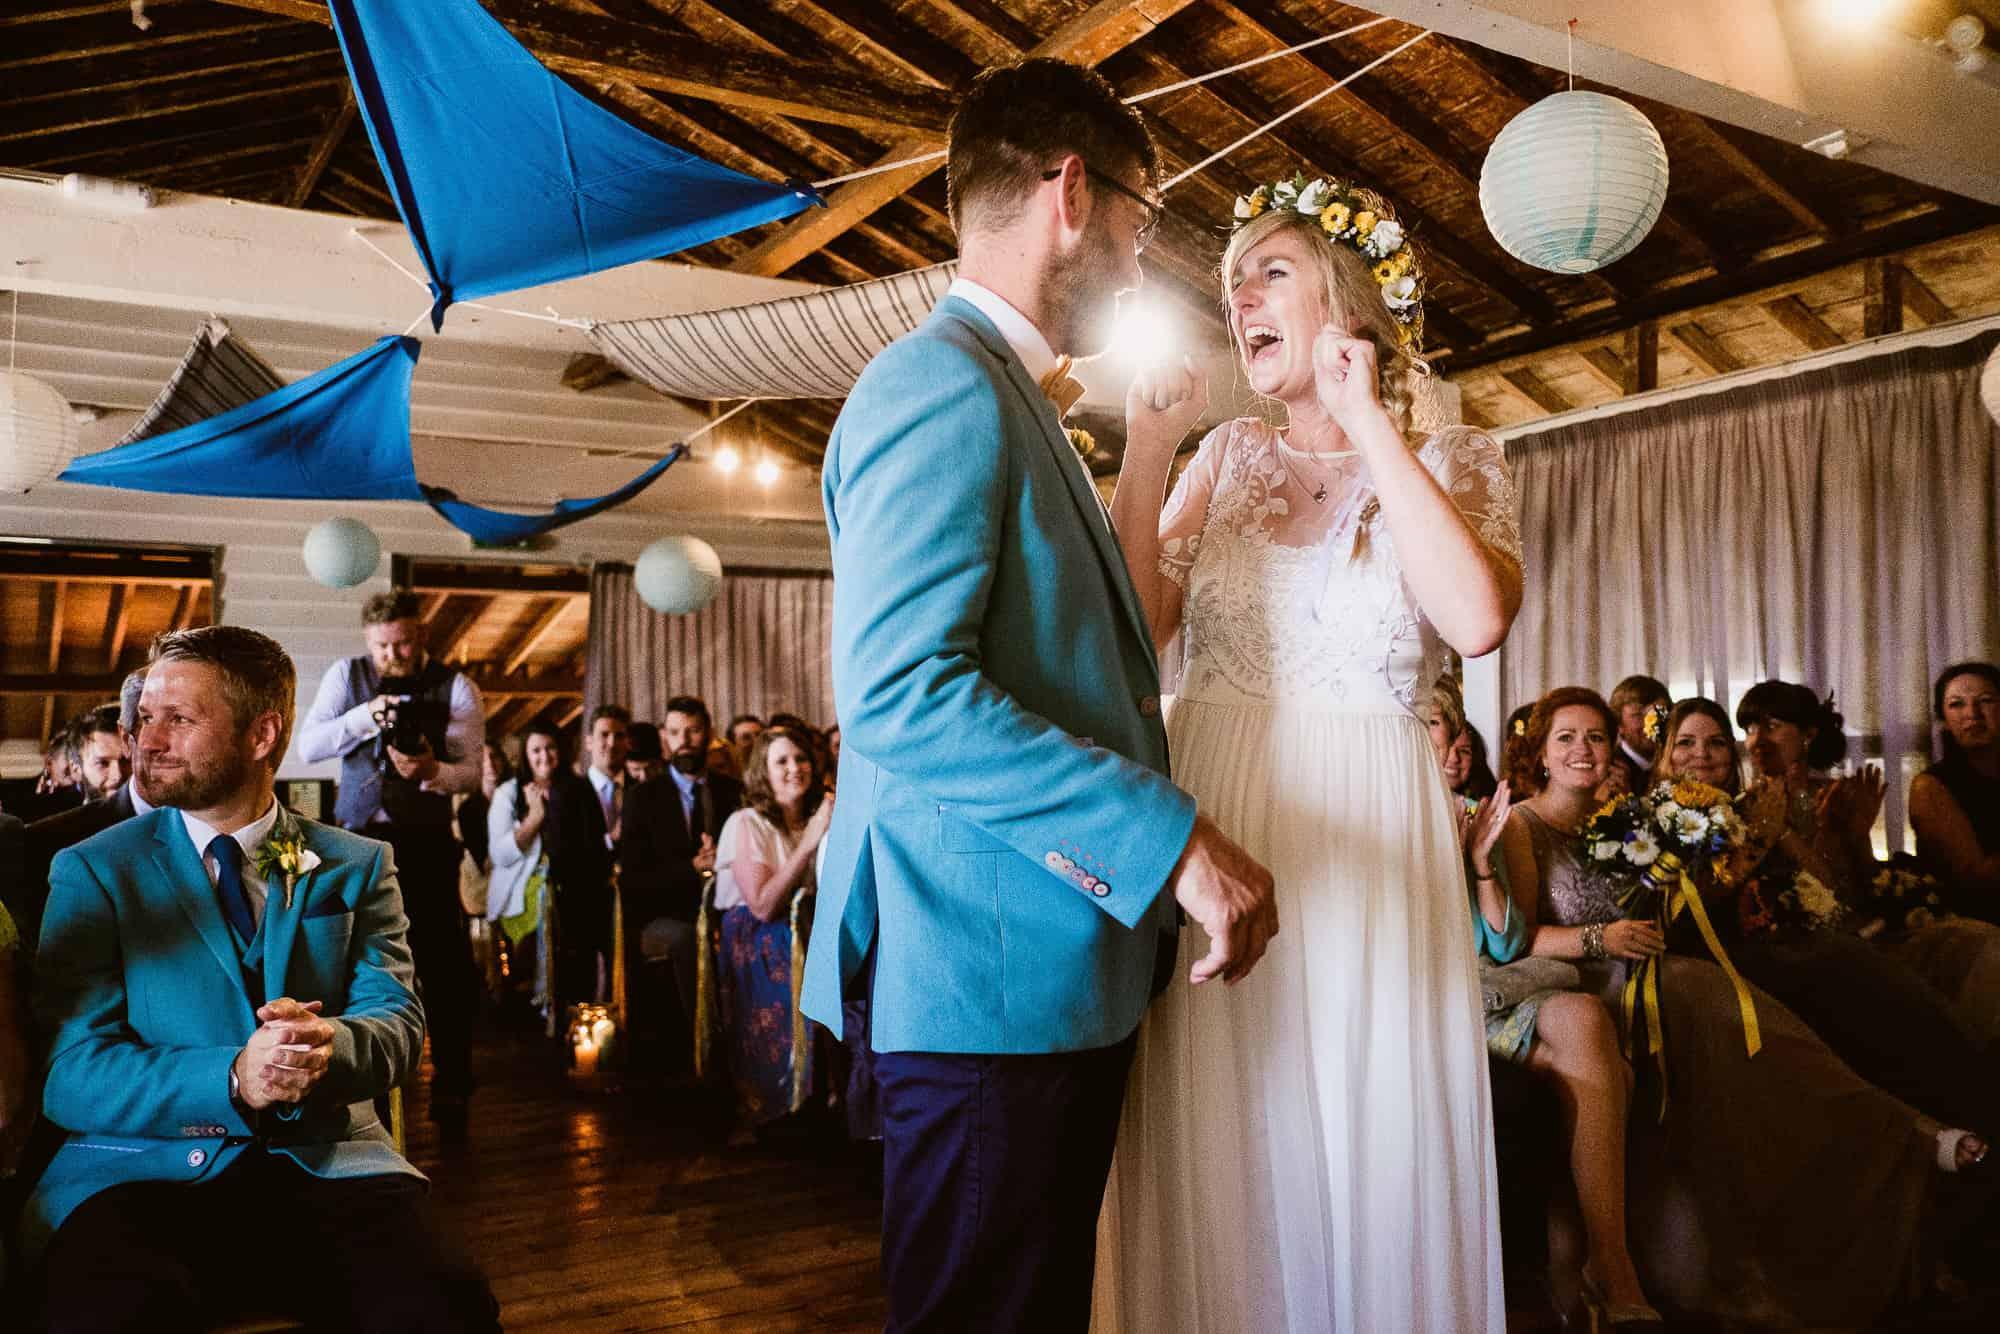 east-quay-wedding-photography-matt-tyler-0036